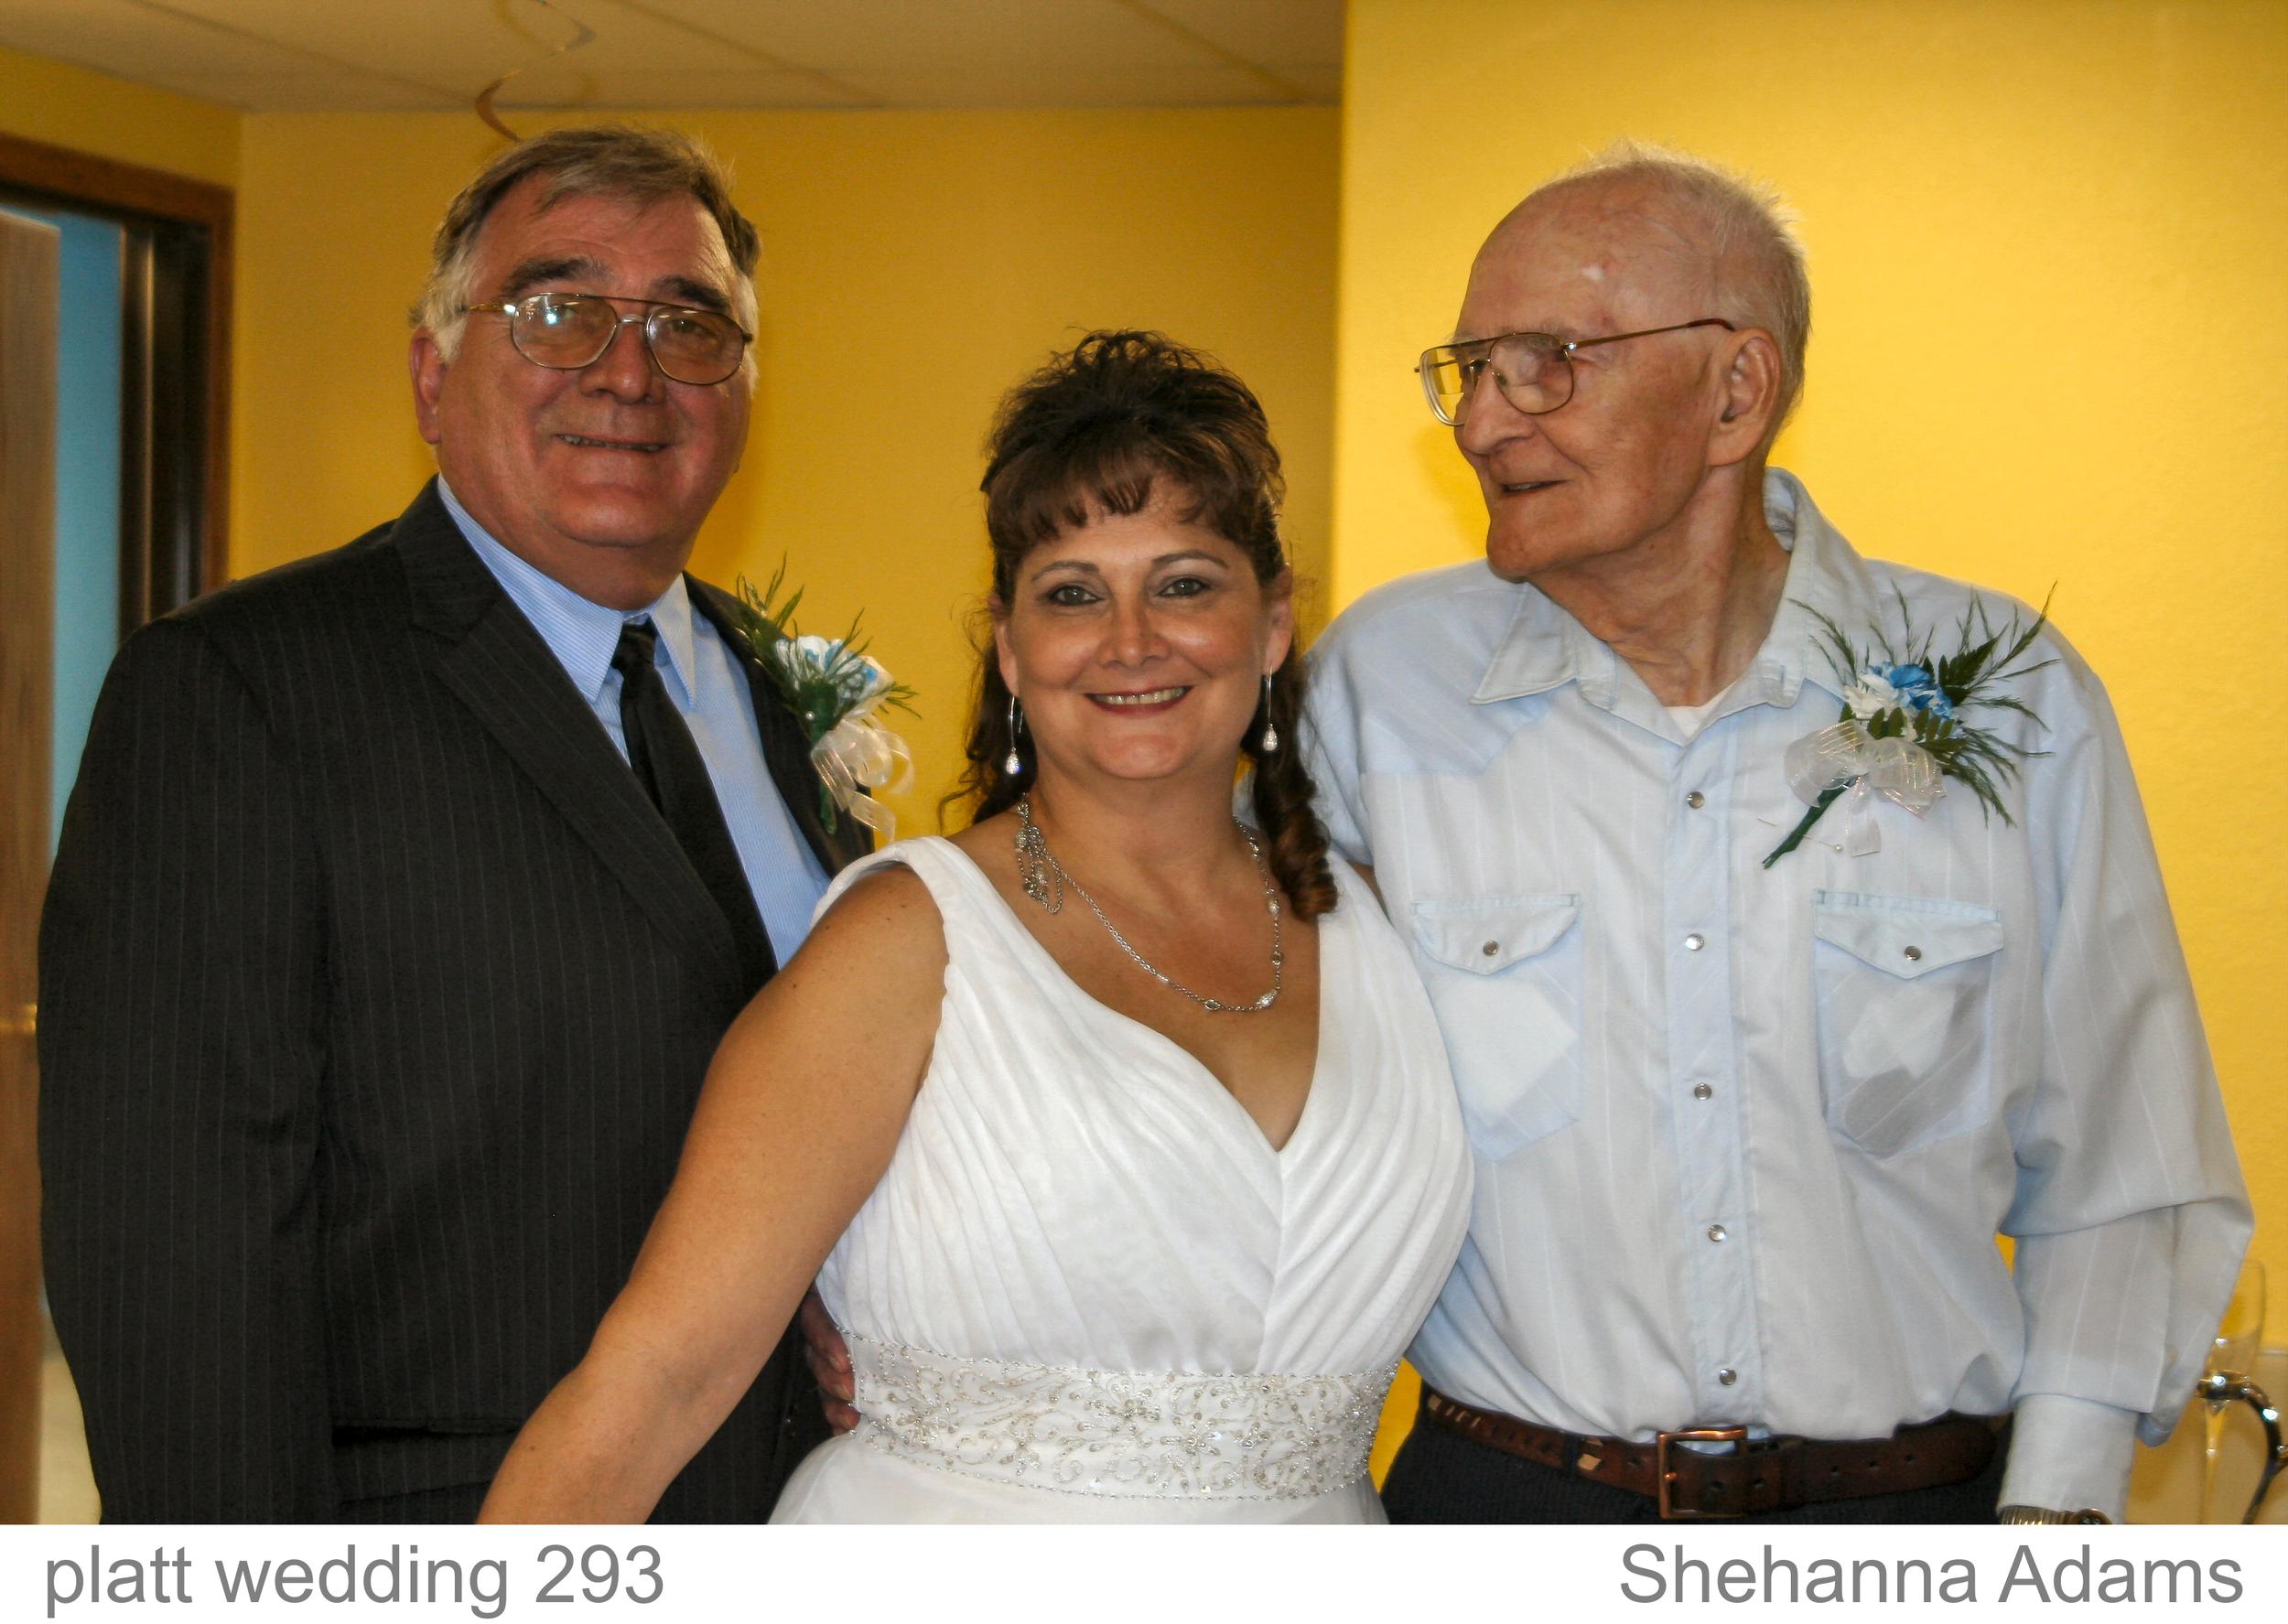 platt wedding 293.jpg